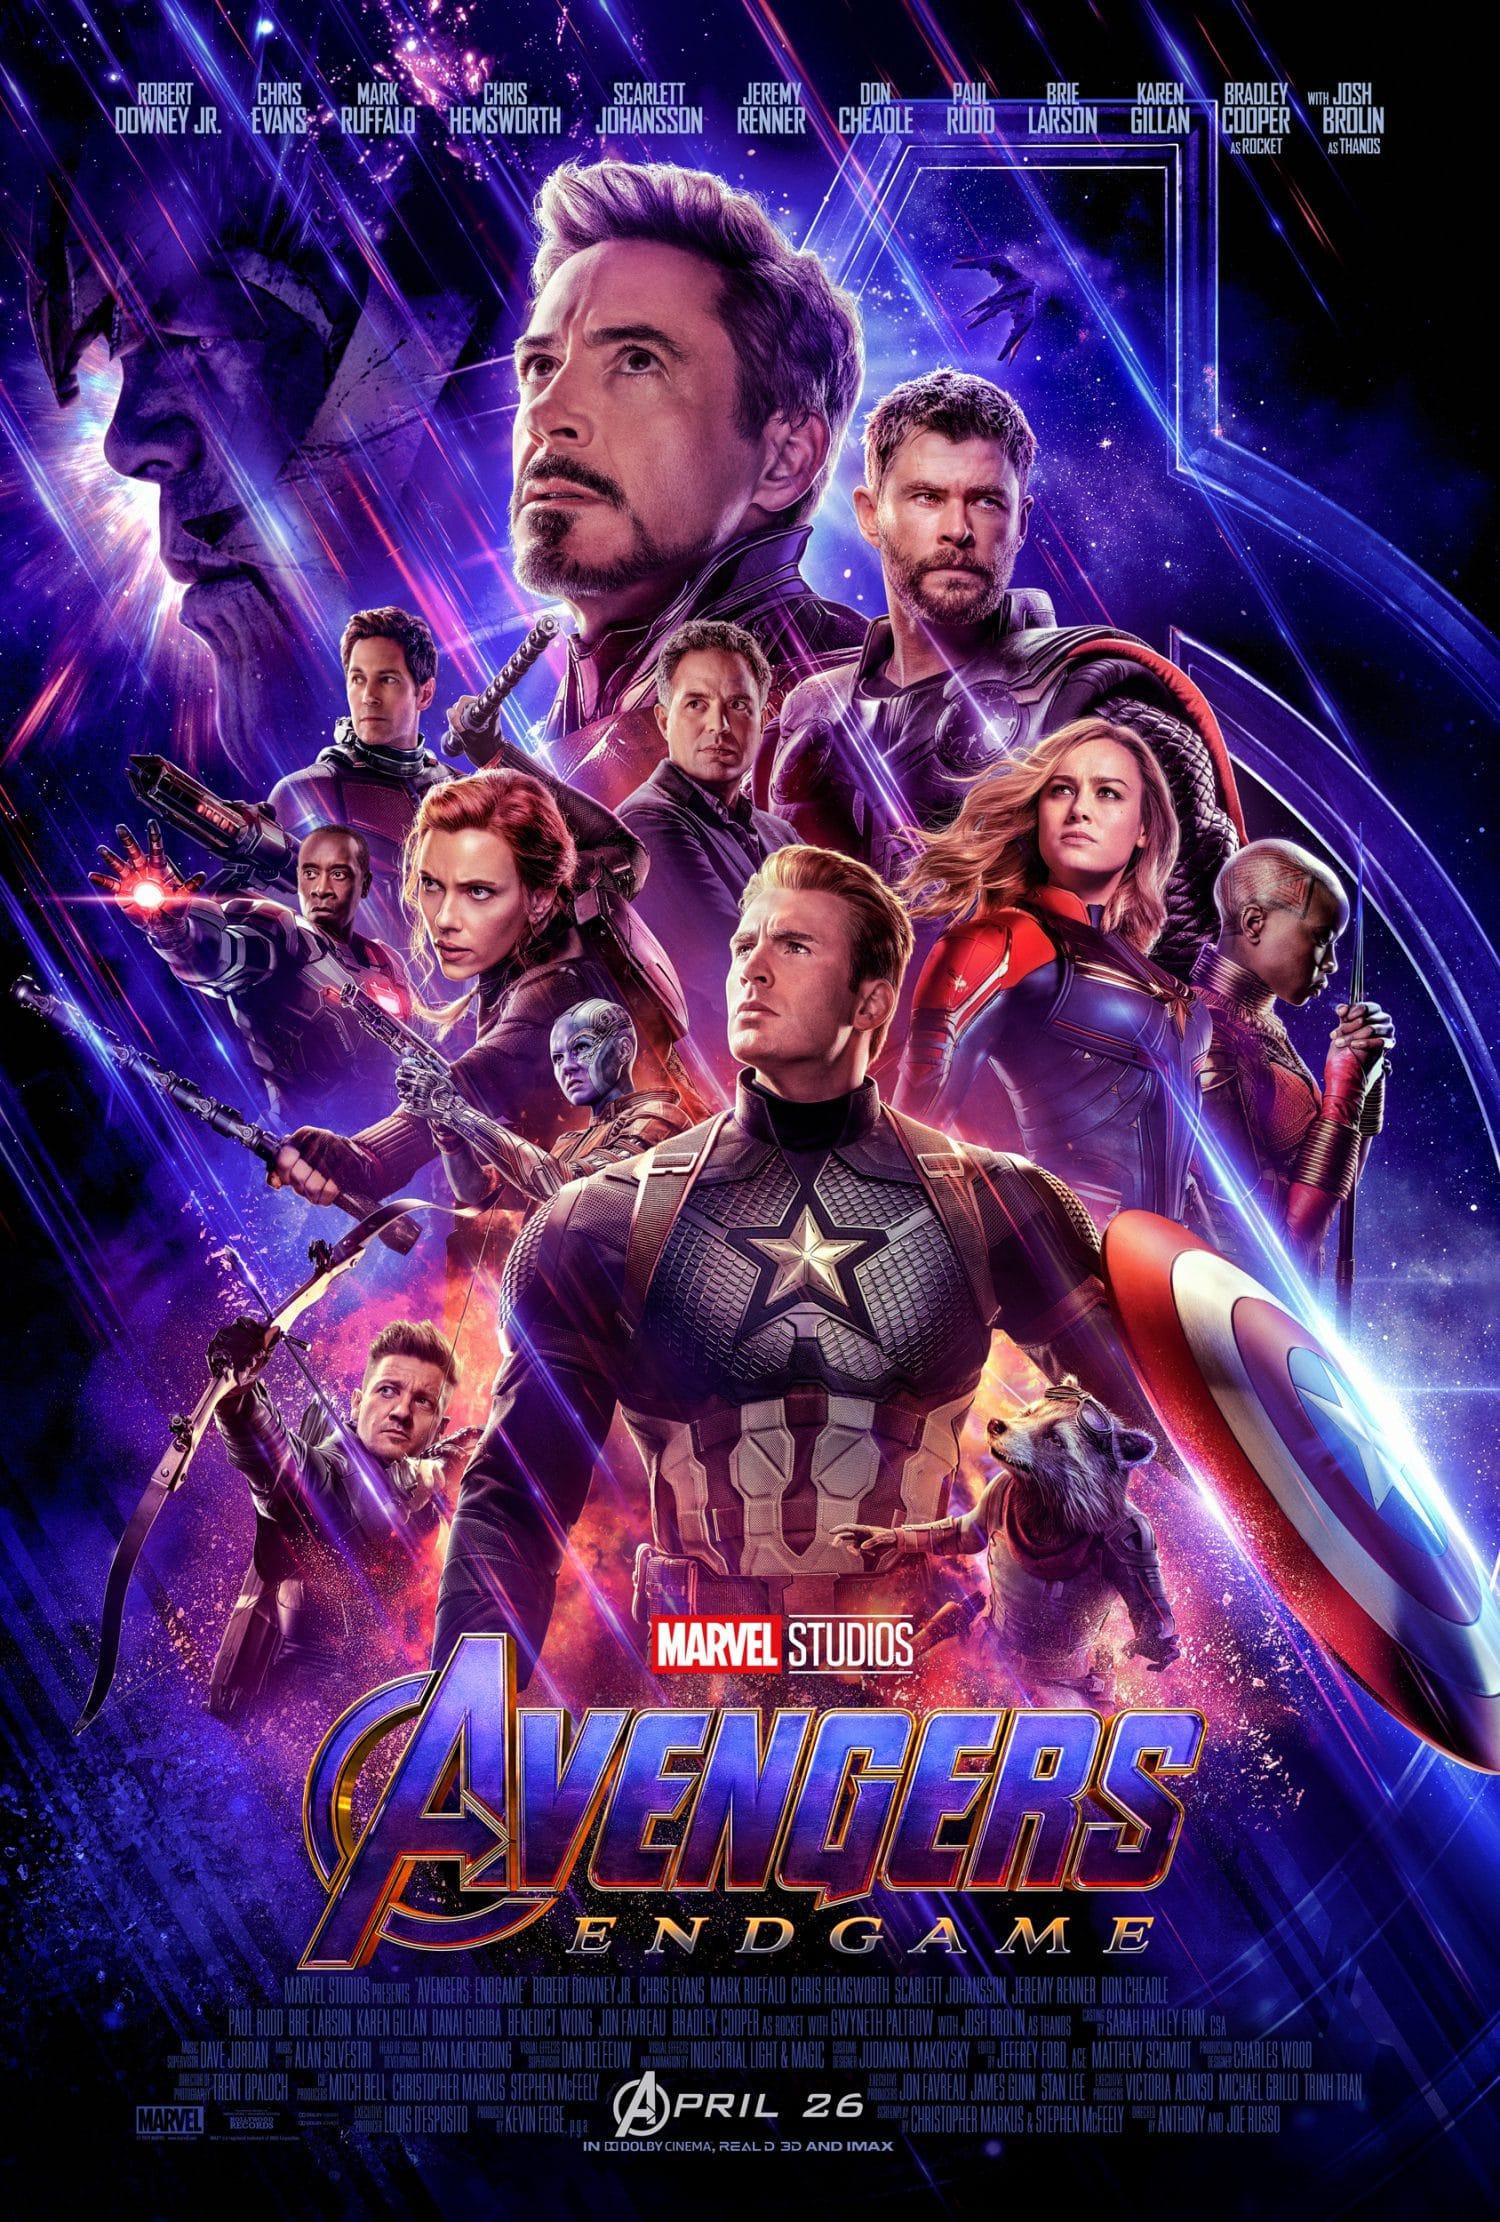 Watch the final trailer for Marvel's Avengers: Endgame.